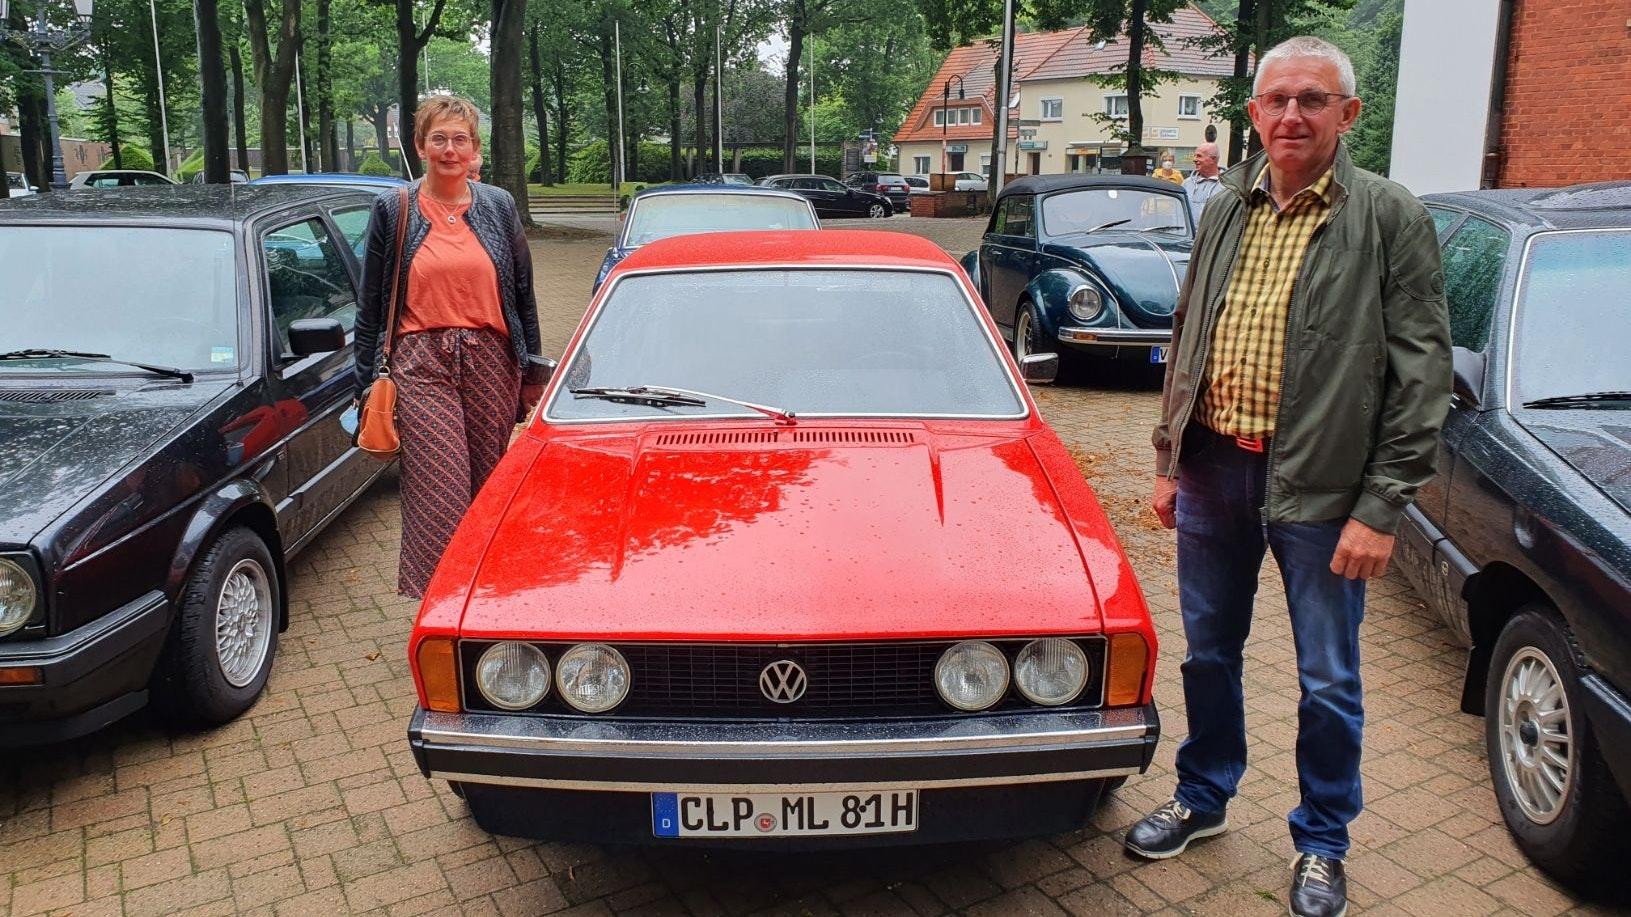 Rotes Liebhaberstück: Das Ehepaar Markus und Marion Lampe fährt gerne mit ihrem Scirocco. Foto: Kessens